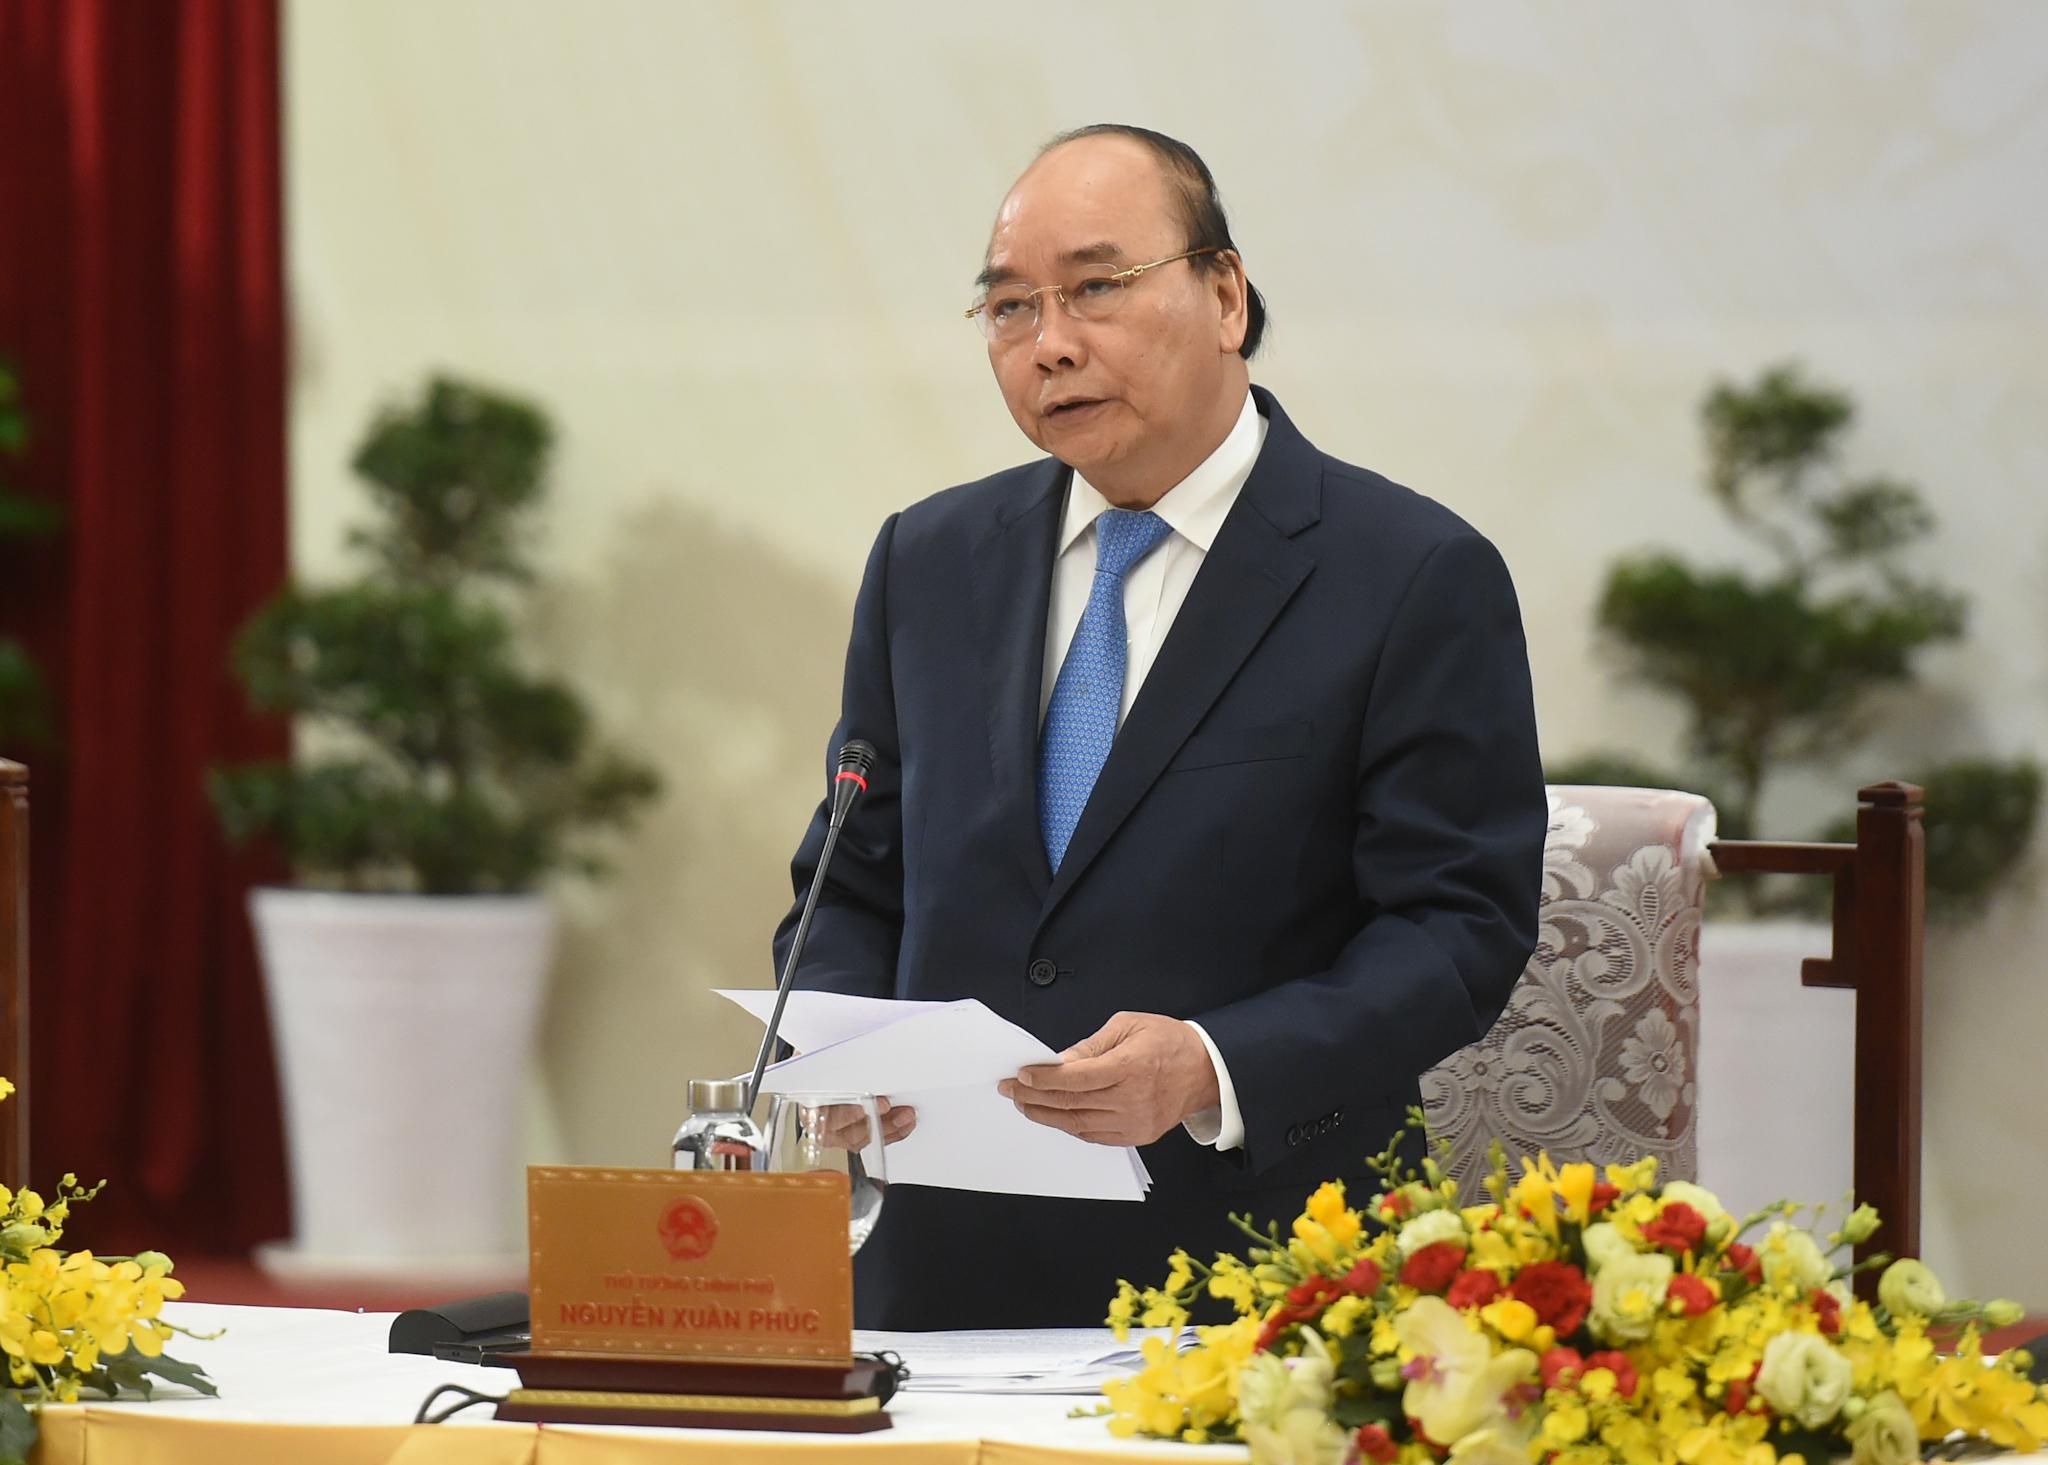 Thủ tướng phát biểu khai mạc Đối thoại. Ảnh: VGP/Quang Hiếu